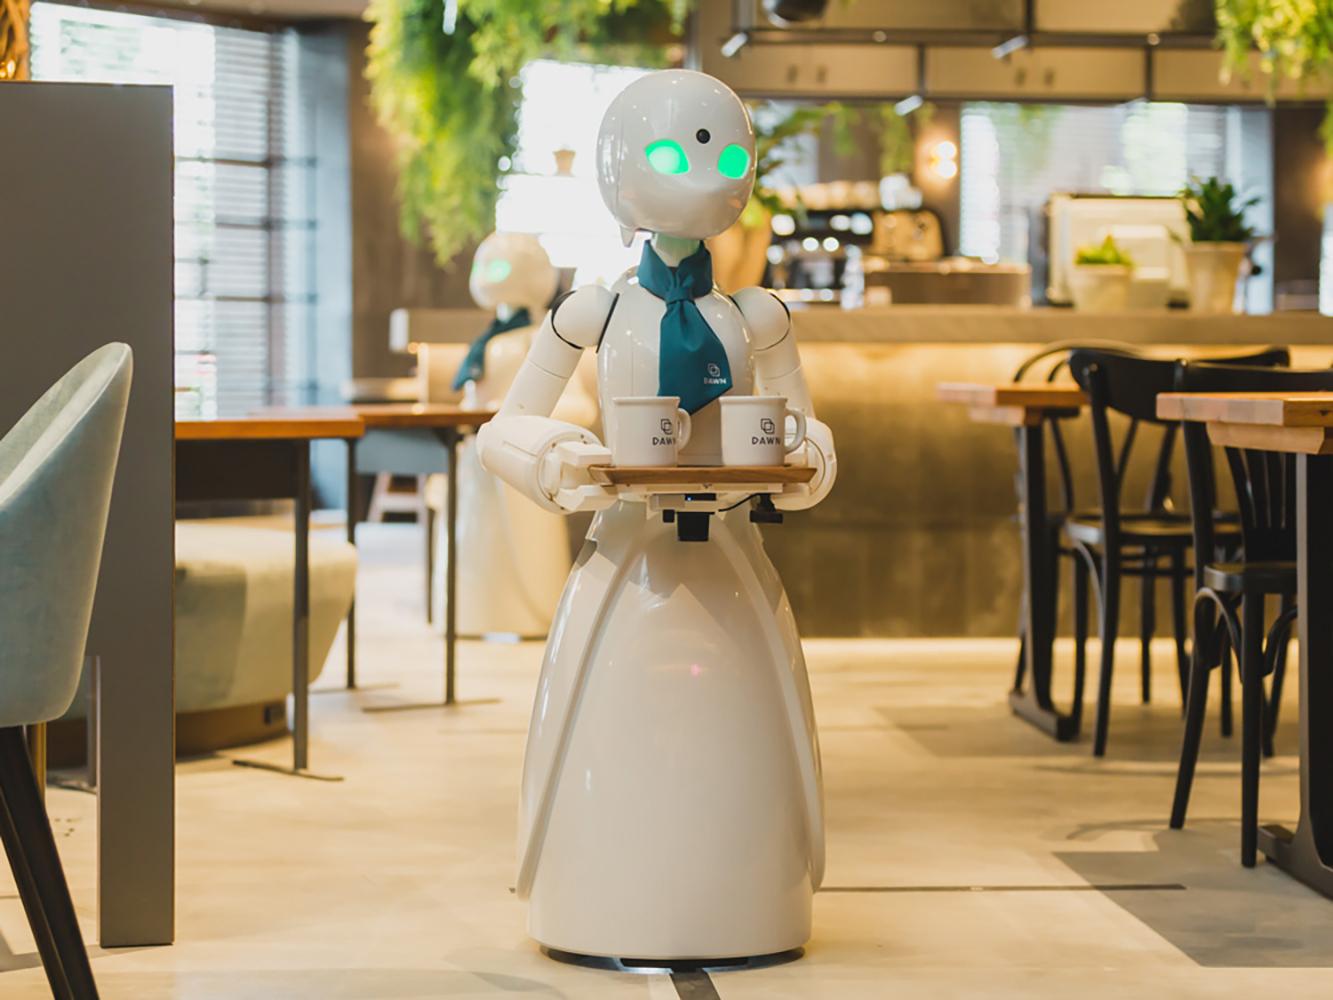 نُدل طوكيو الآلية تُقدم رؤية جديدة لدمج ذوي الاحتياجات الخاصة مهنيًا في المجتمع - ما الخدمات التي يقدمها مقهى داون لذوي الاحتياجات الخاصة